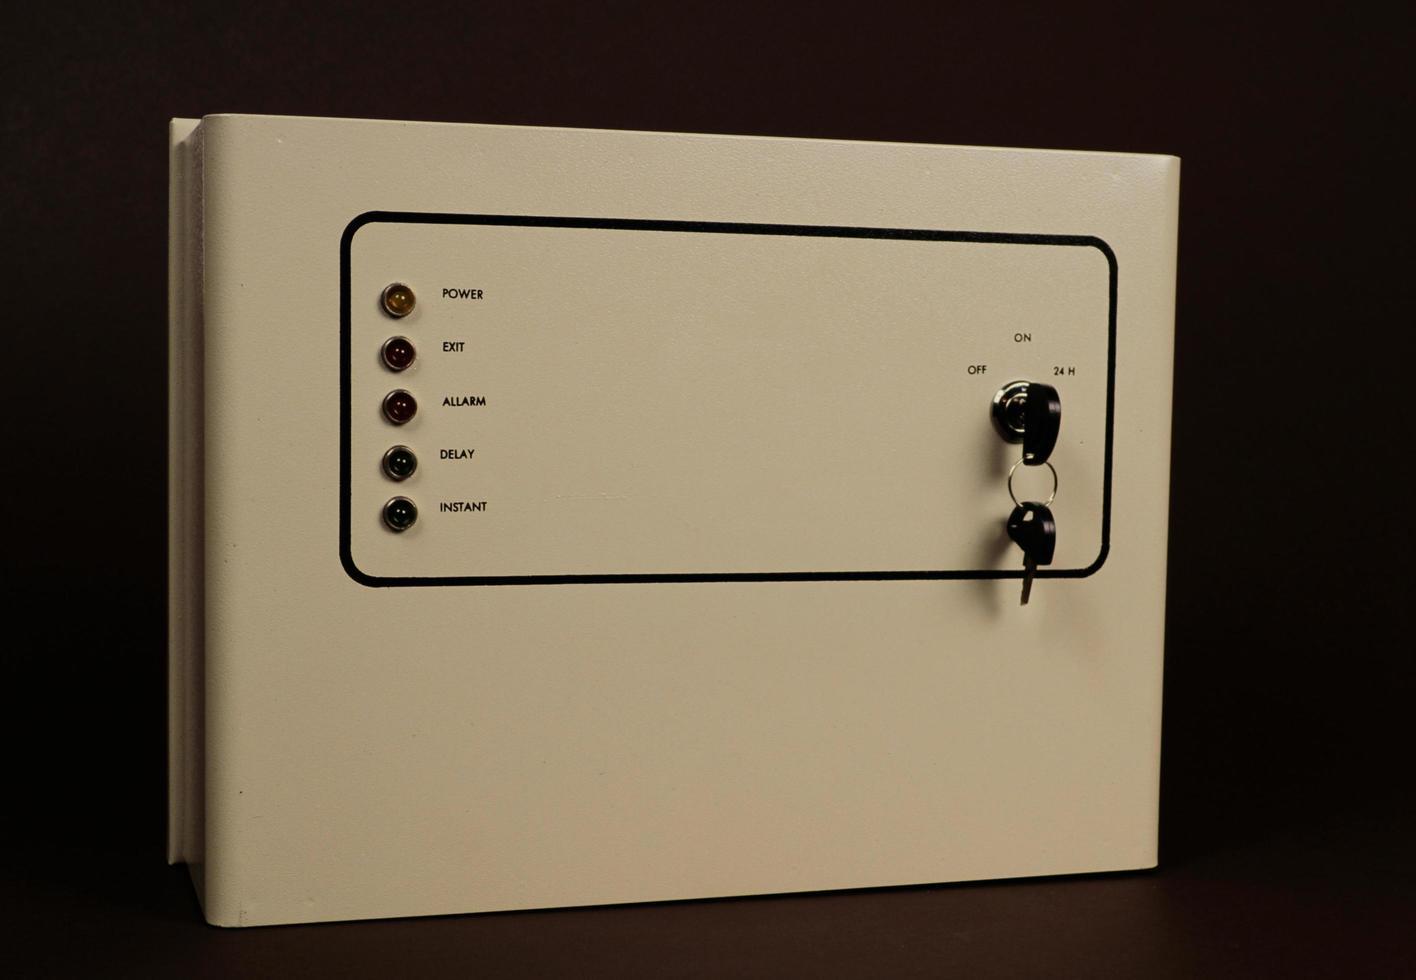 scatola elettronica per impianti elettrici e altri usi foto